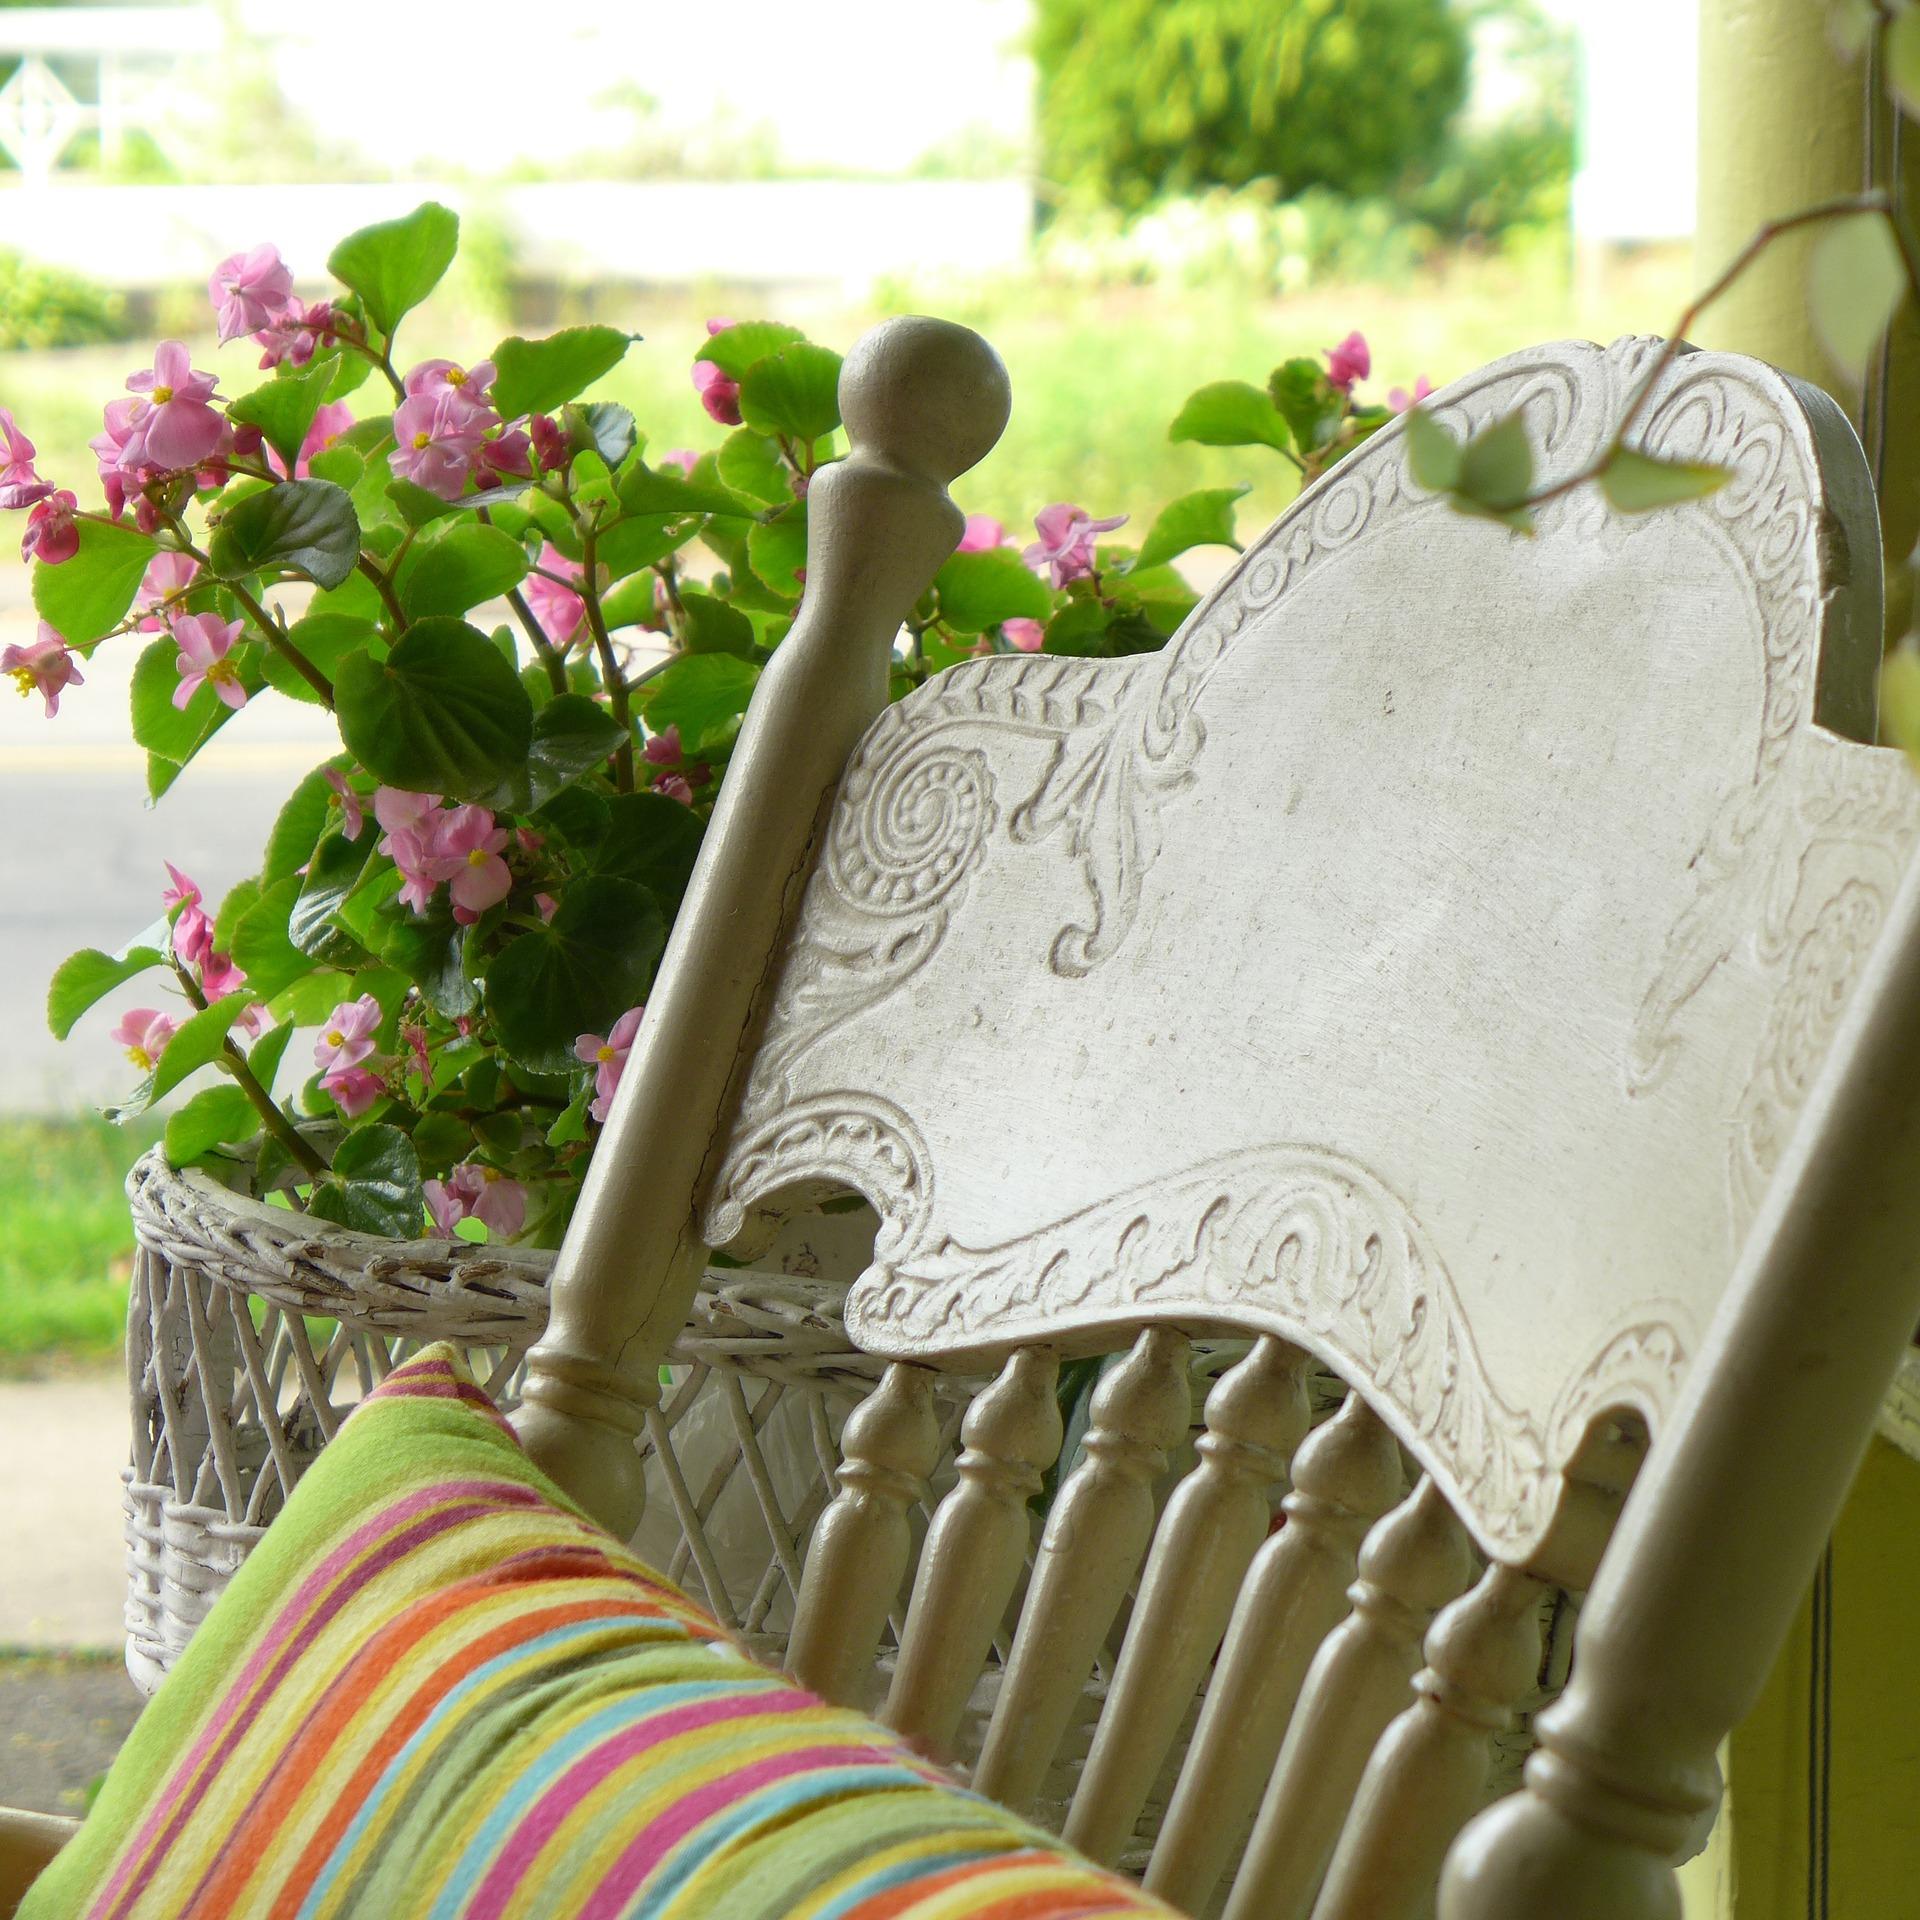 Brug terrasseoverdækning med beskyttelse mod solens uv-stråler